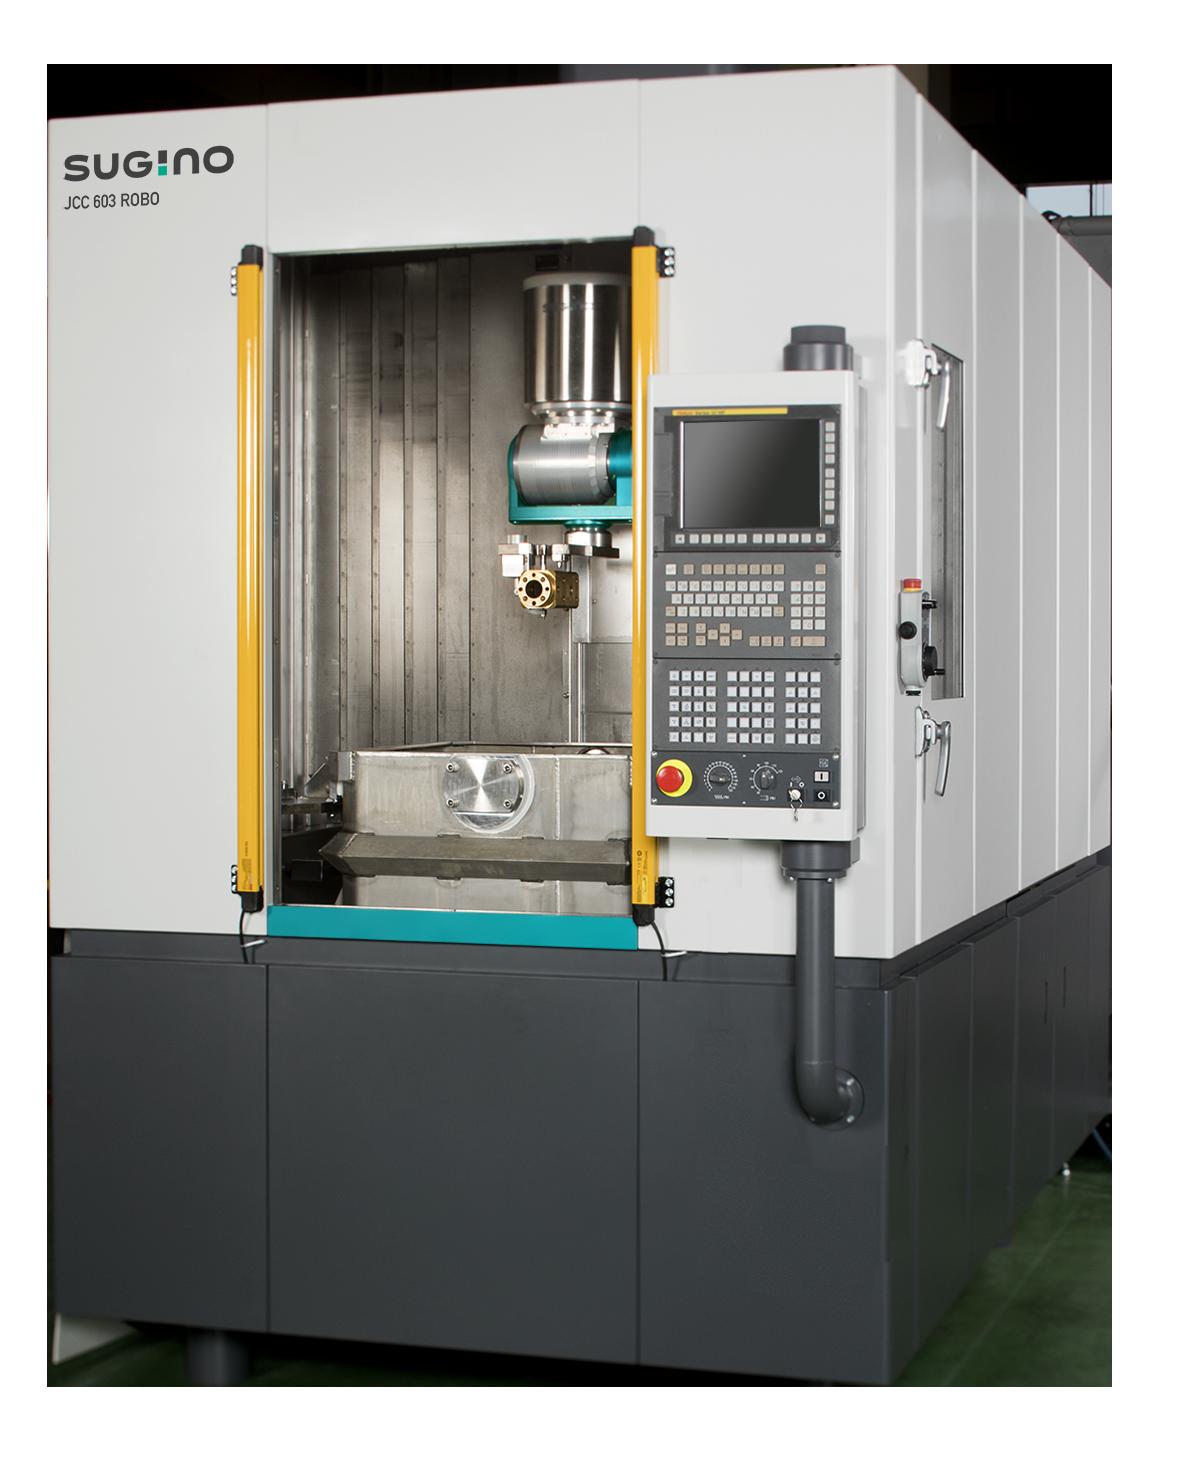 JCC 603 Robo CNC